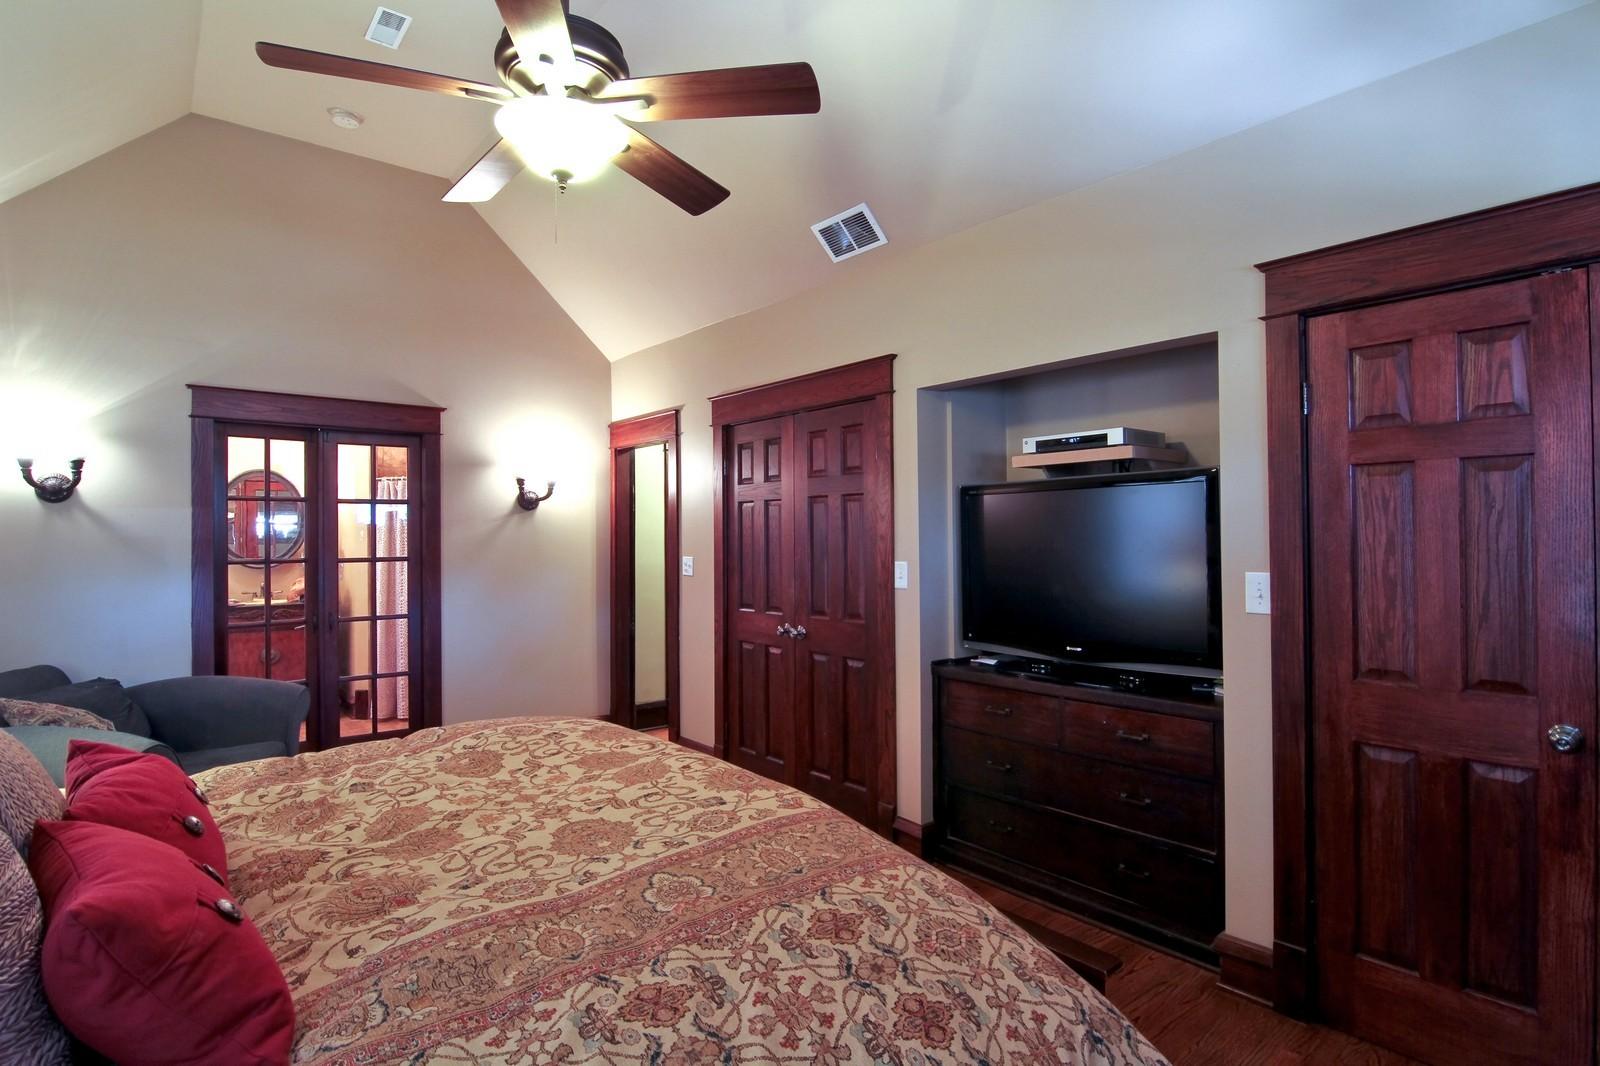 Real Estate Photography - 338 S. 8th, La Grange, IL, 60525 - Master Bedroom